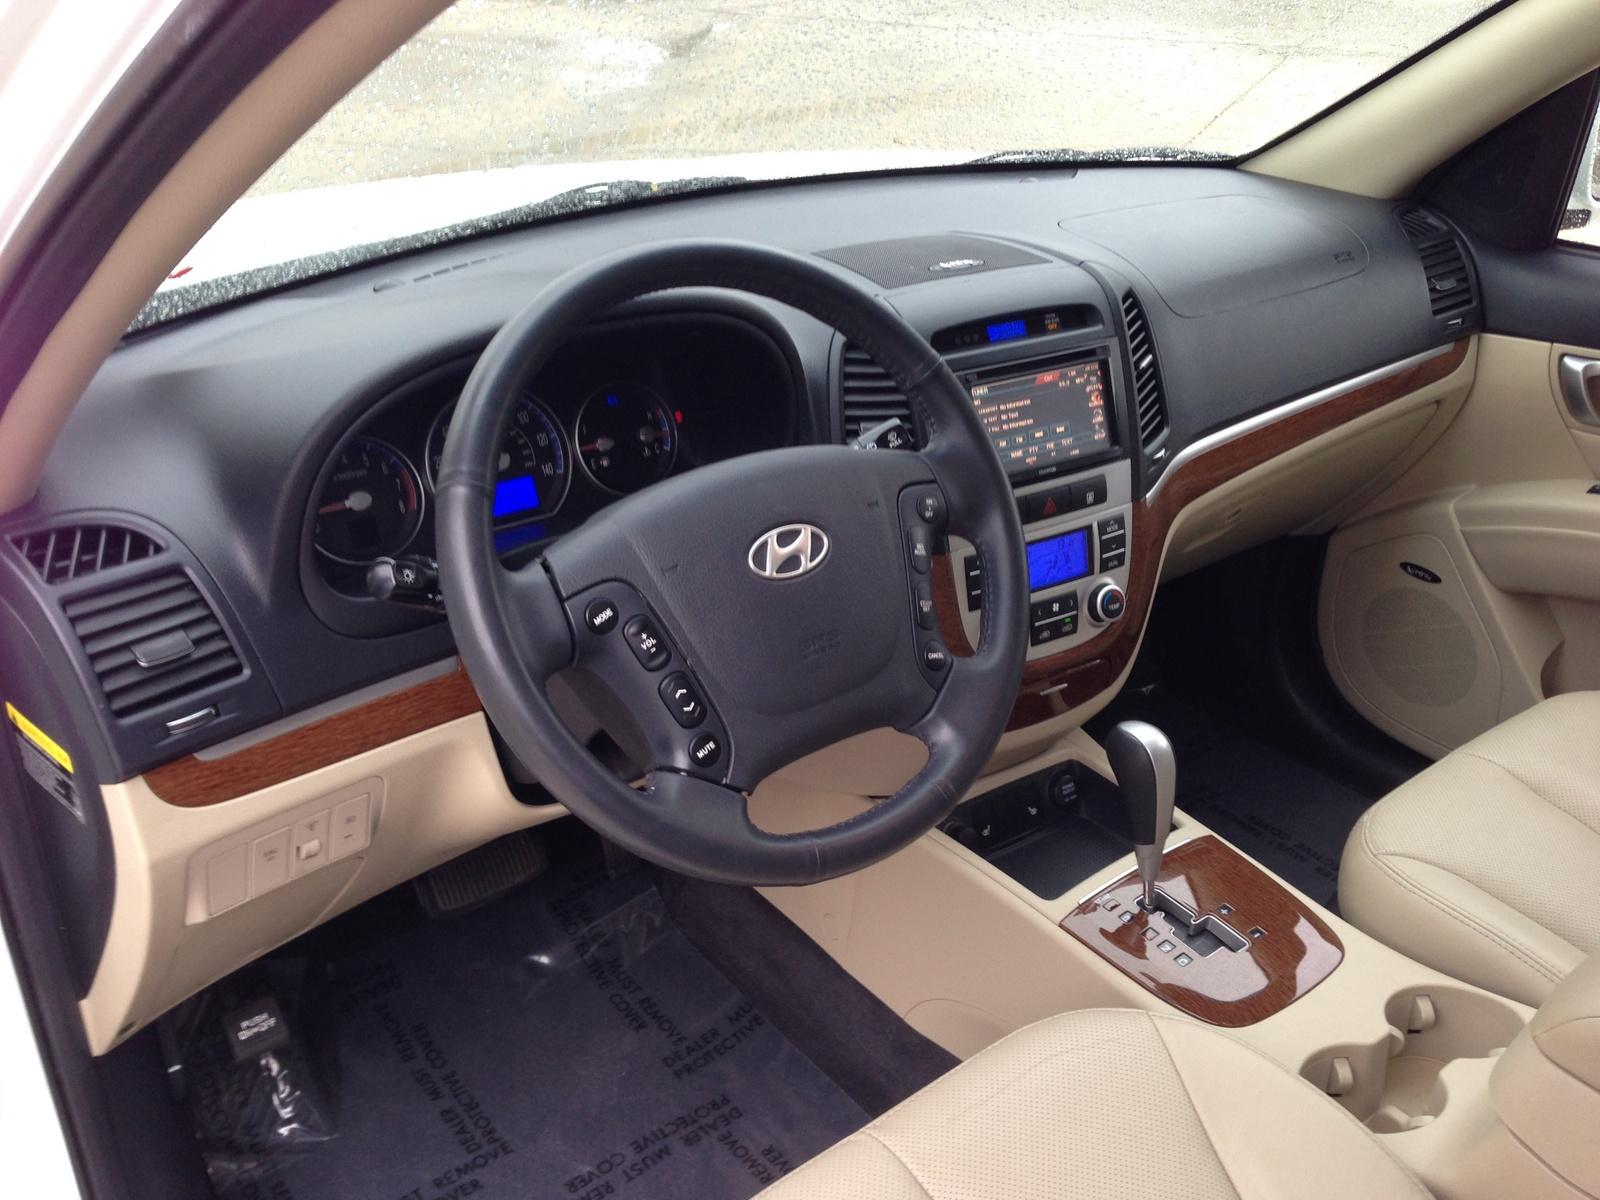 2008 Hyundai Santa Fe Interior Pictures Cargurus